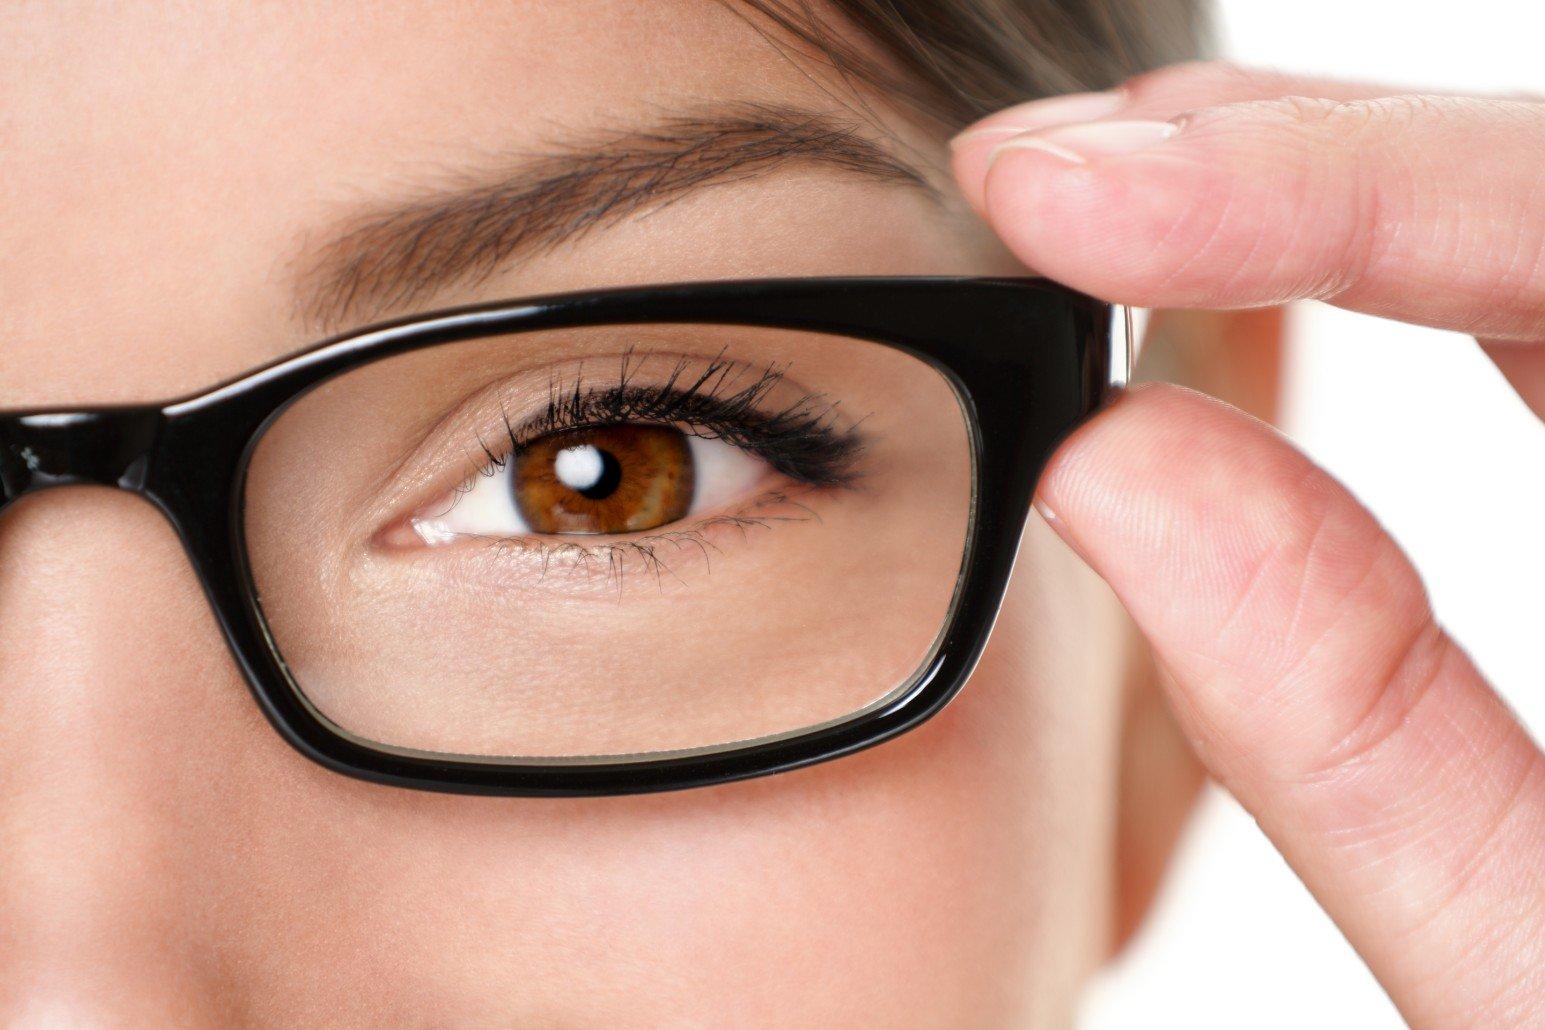 una donna mentre prova degli occhiali da vista